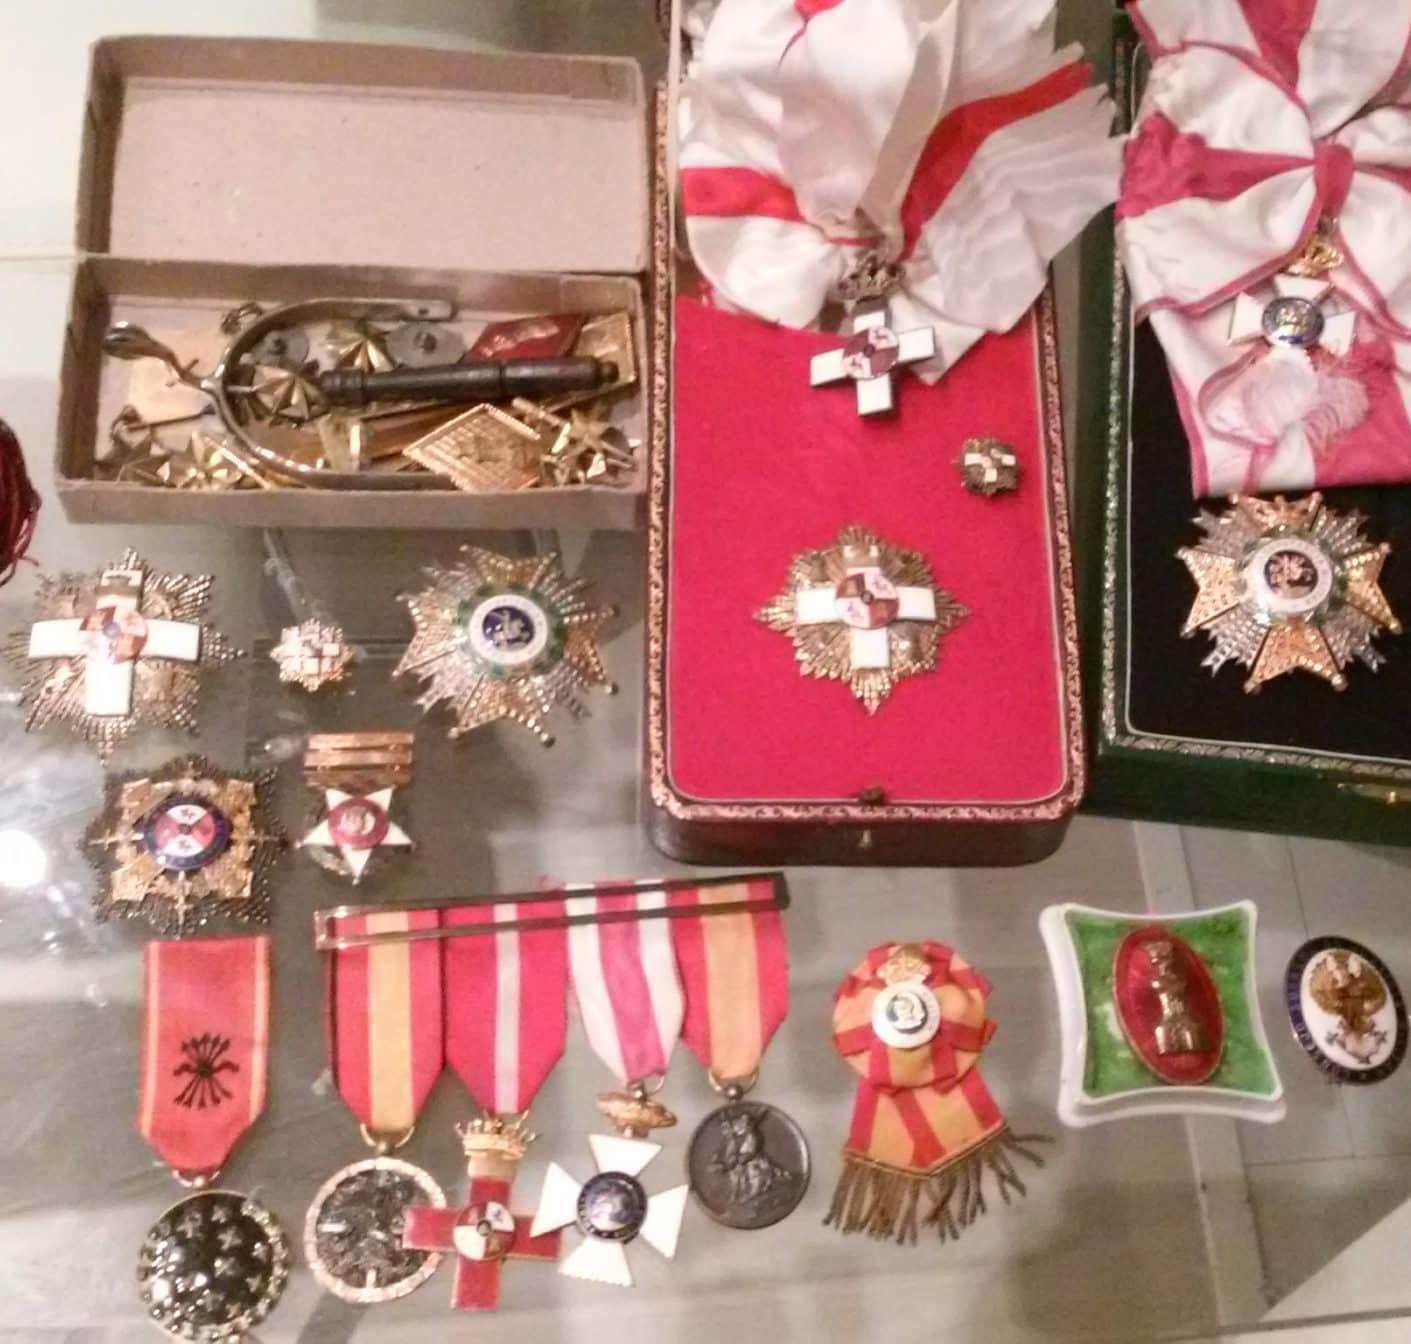 Antiguedades bermudez compra de antiguedades en madrid for Compra de objetos antiguos